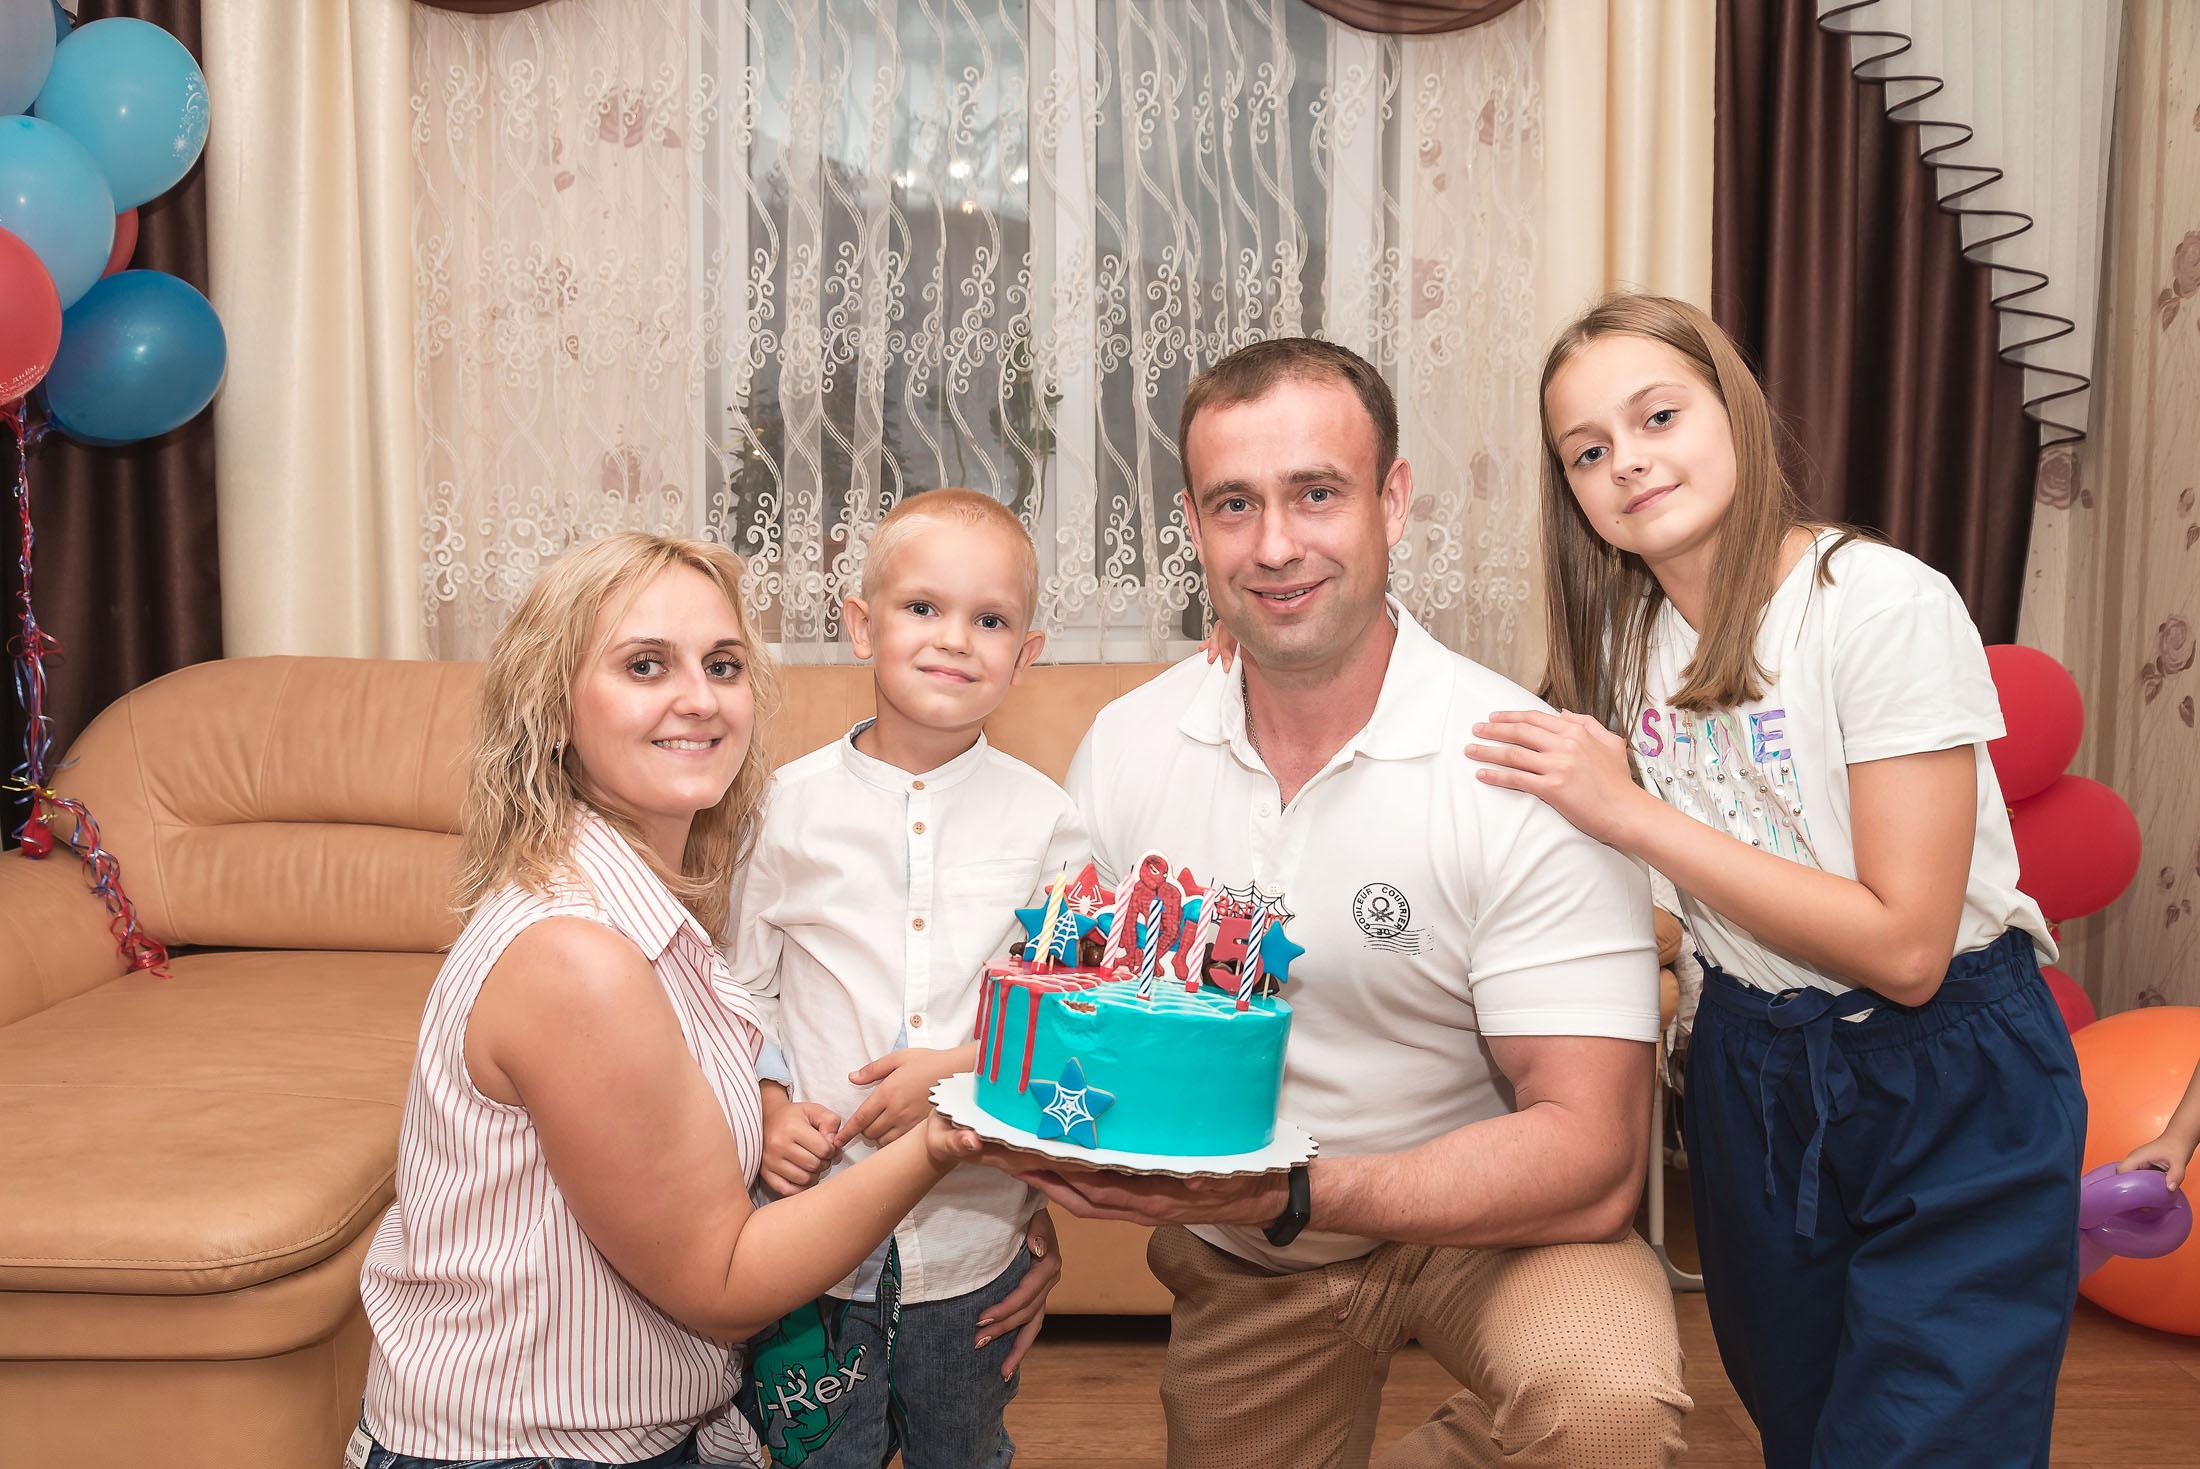 фотограф стерлитамак, фотограф Красноусольск, детский фотограф, фотограф в детский сад,детский и семейный фотограф стерлитамак,  фотограф на детский день рождения стерлитамак,  фотограф на детский праздник   семья и торт